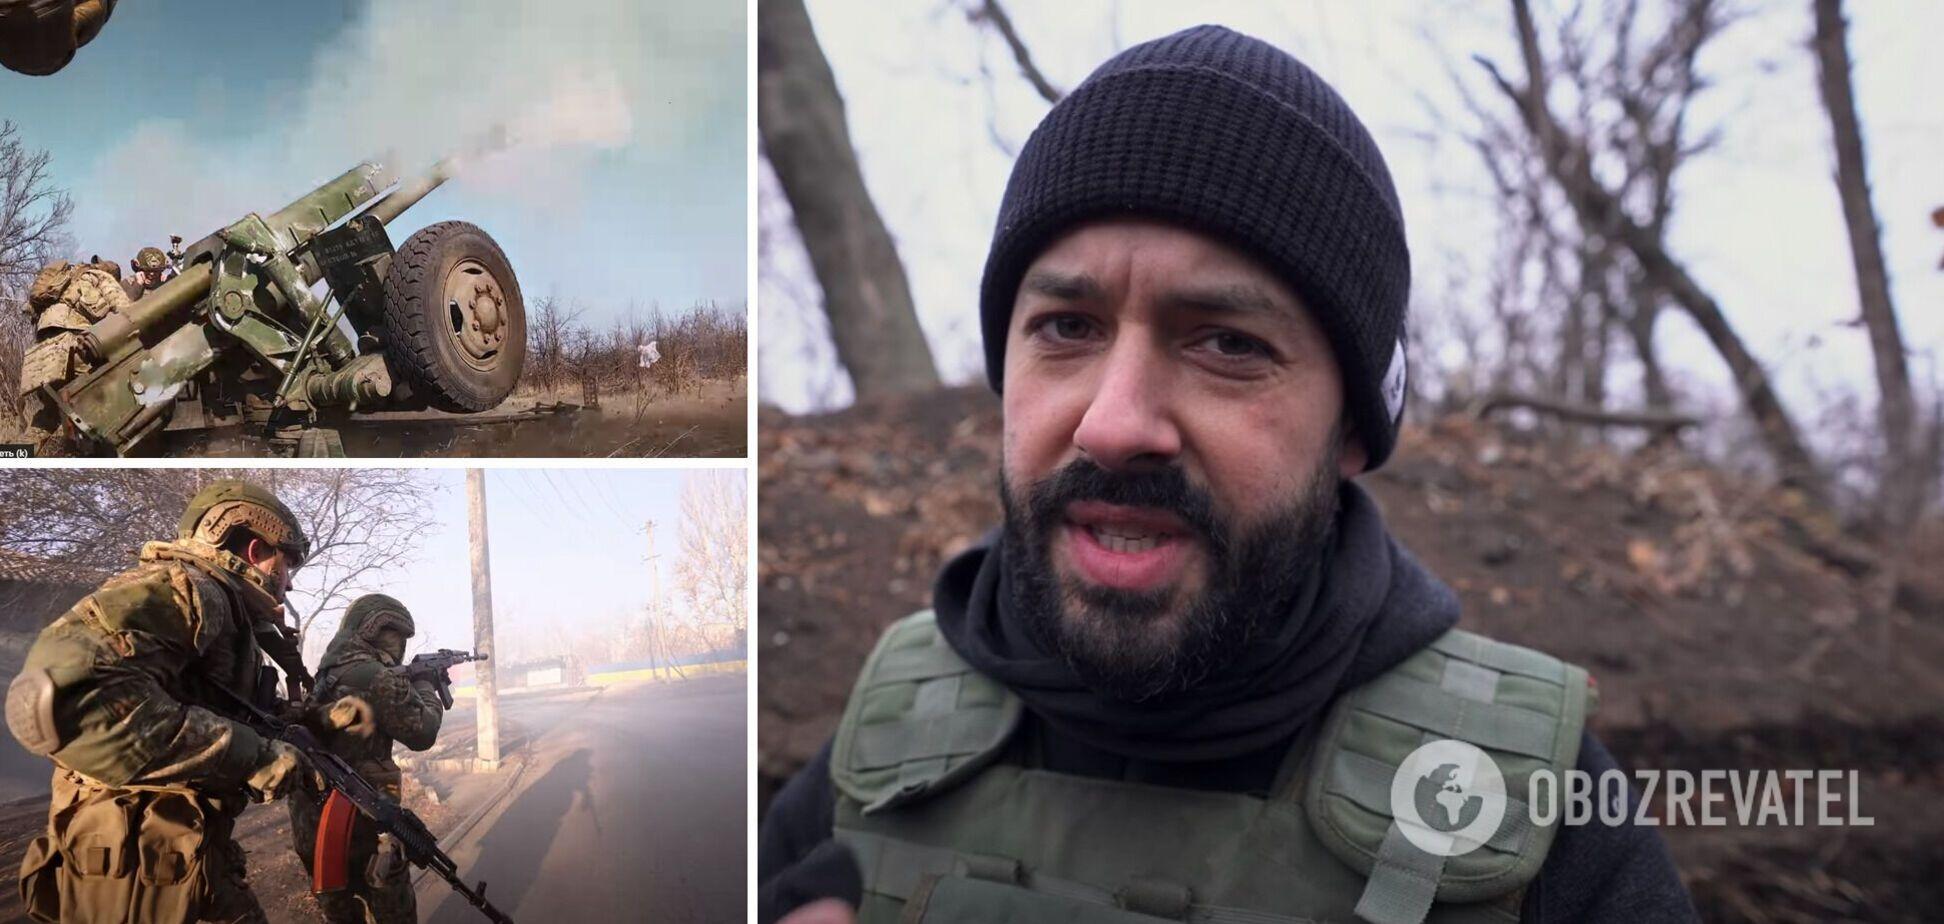 Блогер из Швейцарии создал фильм об агрессии России в Украине. Видео